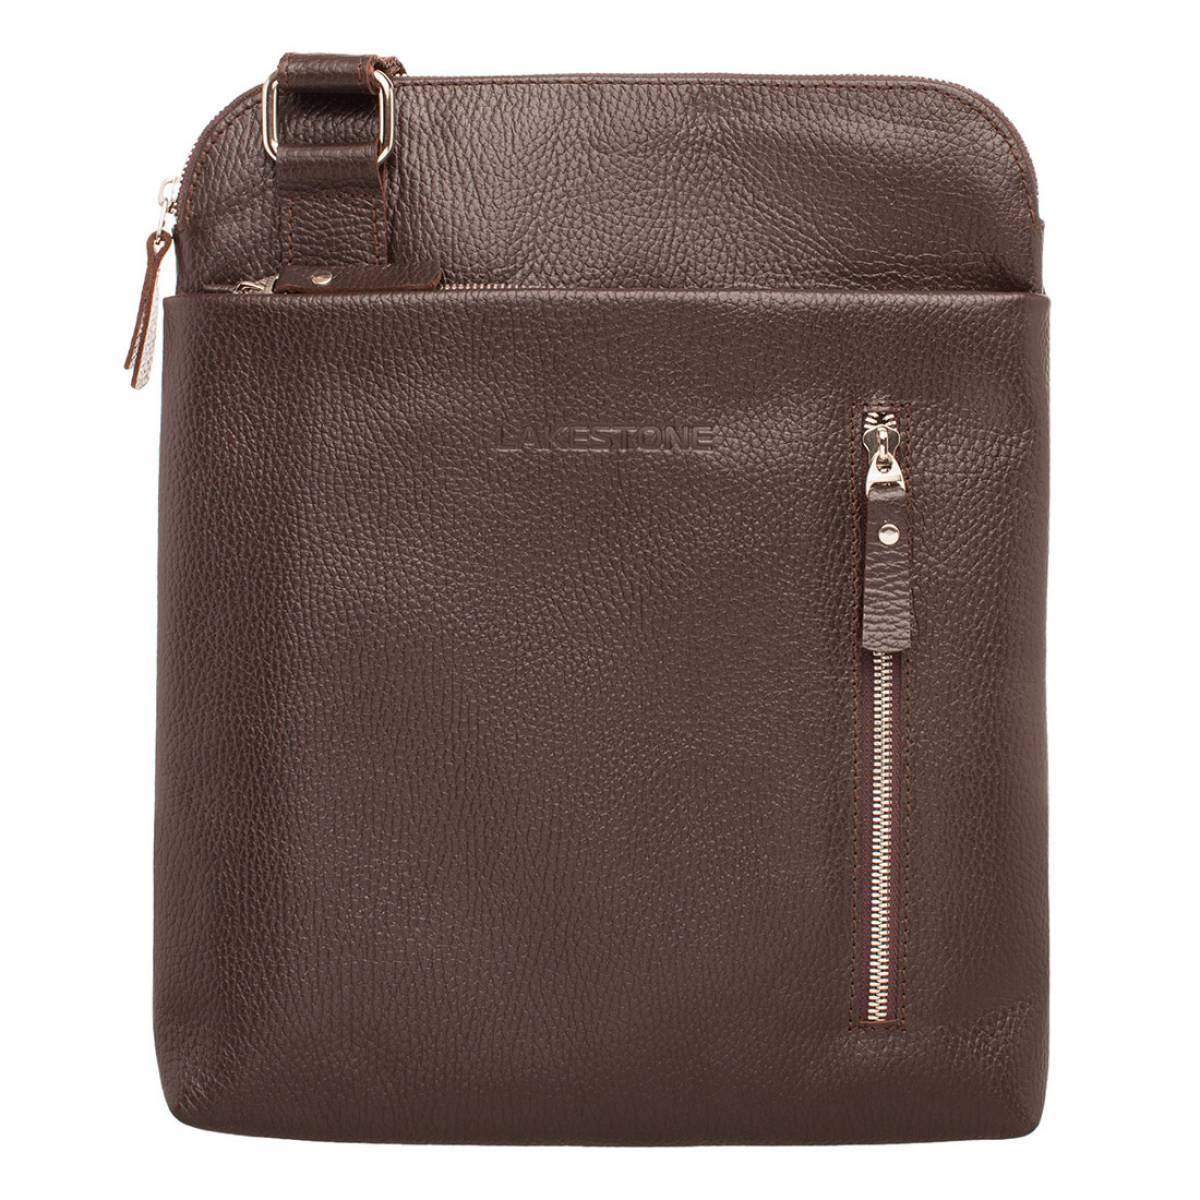 Мужская кожаная сумка через плечо Fabian Brown фото